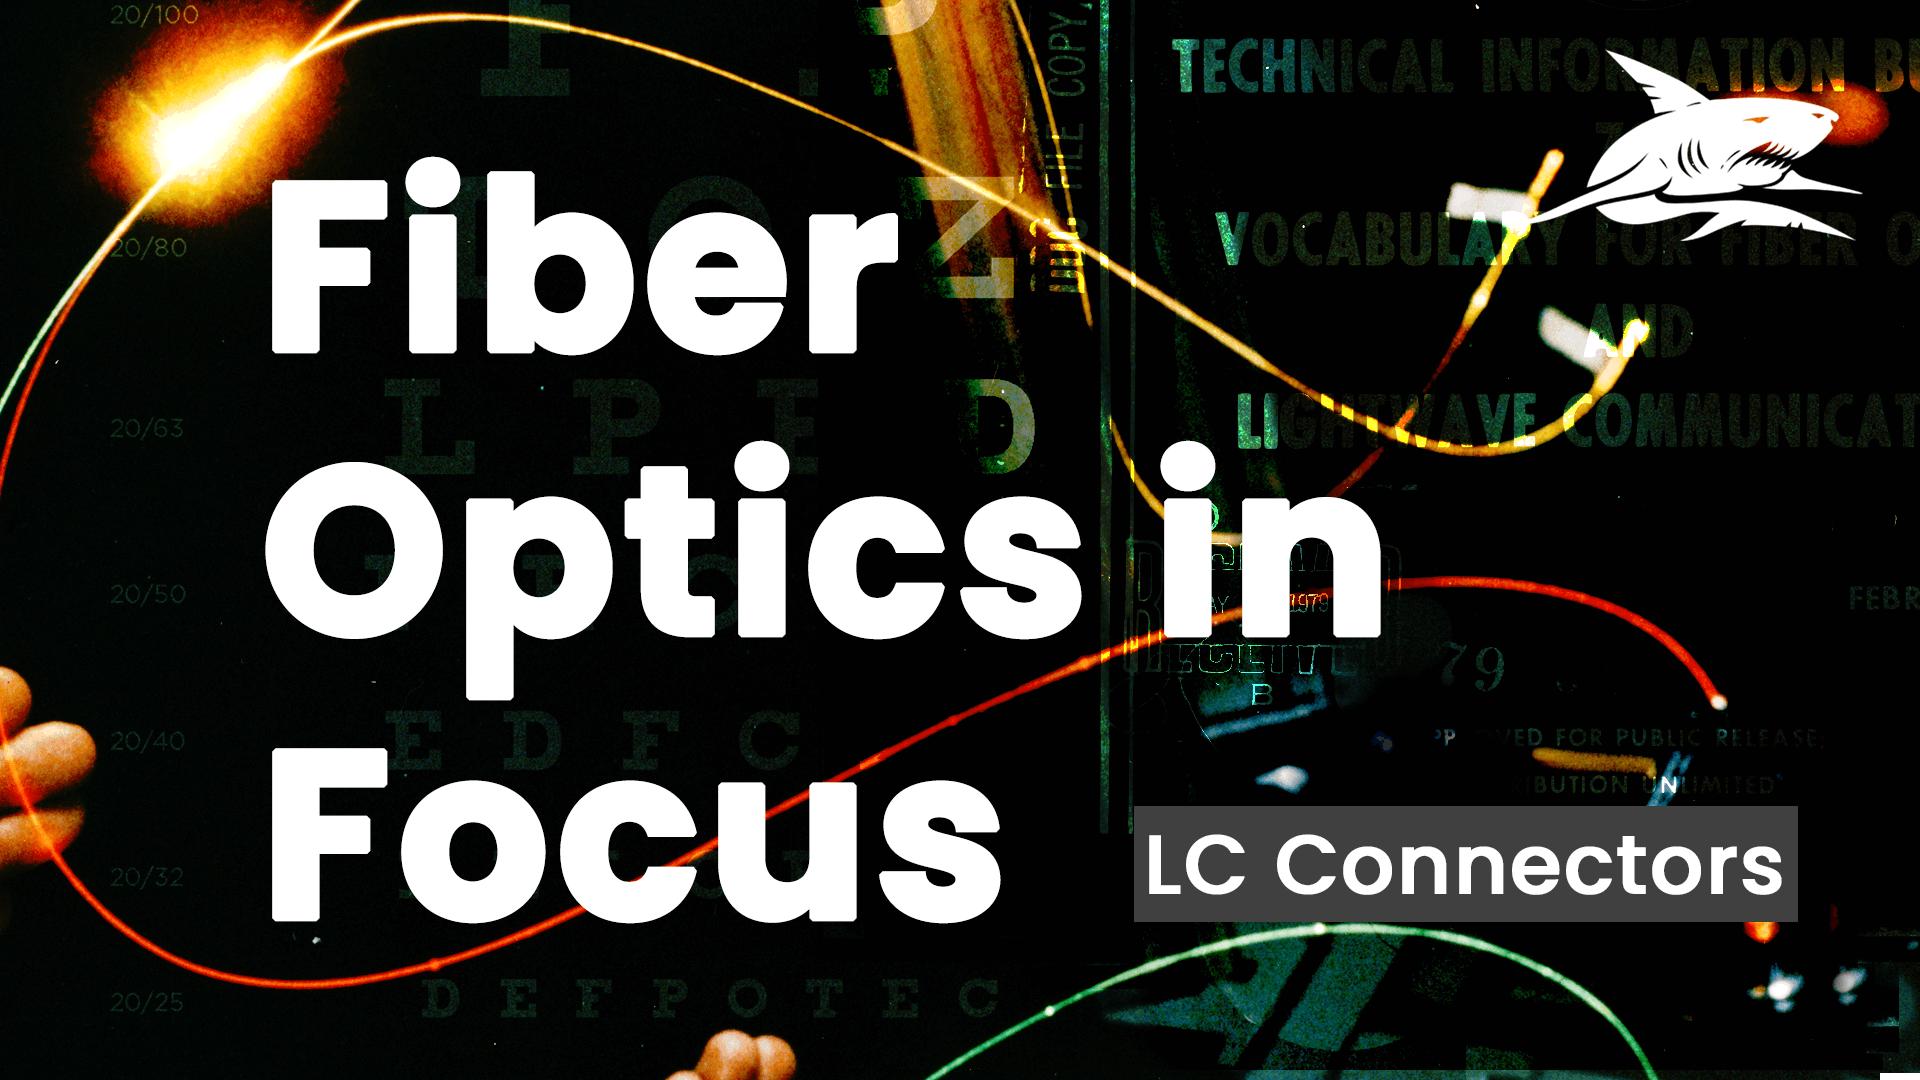 Fiber Optics in Focus